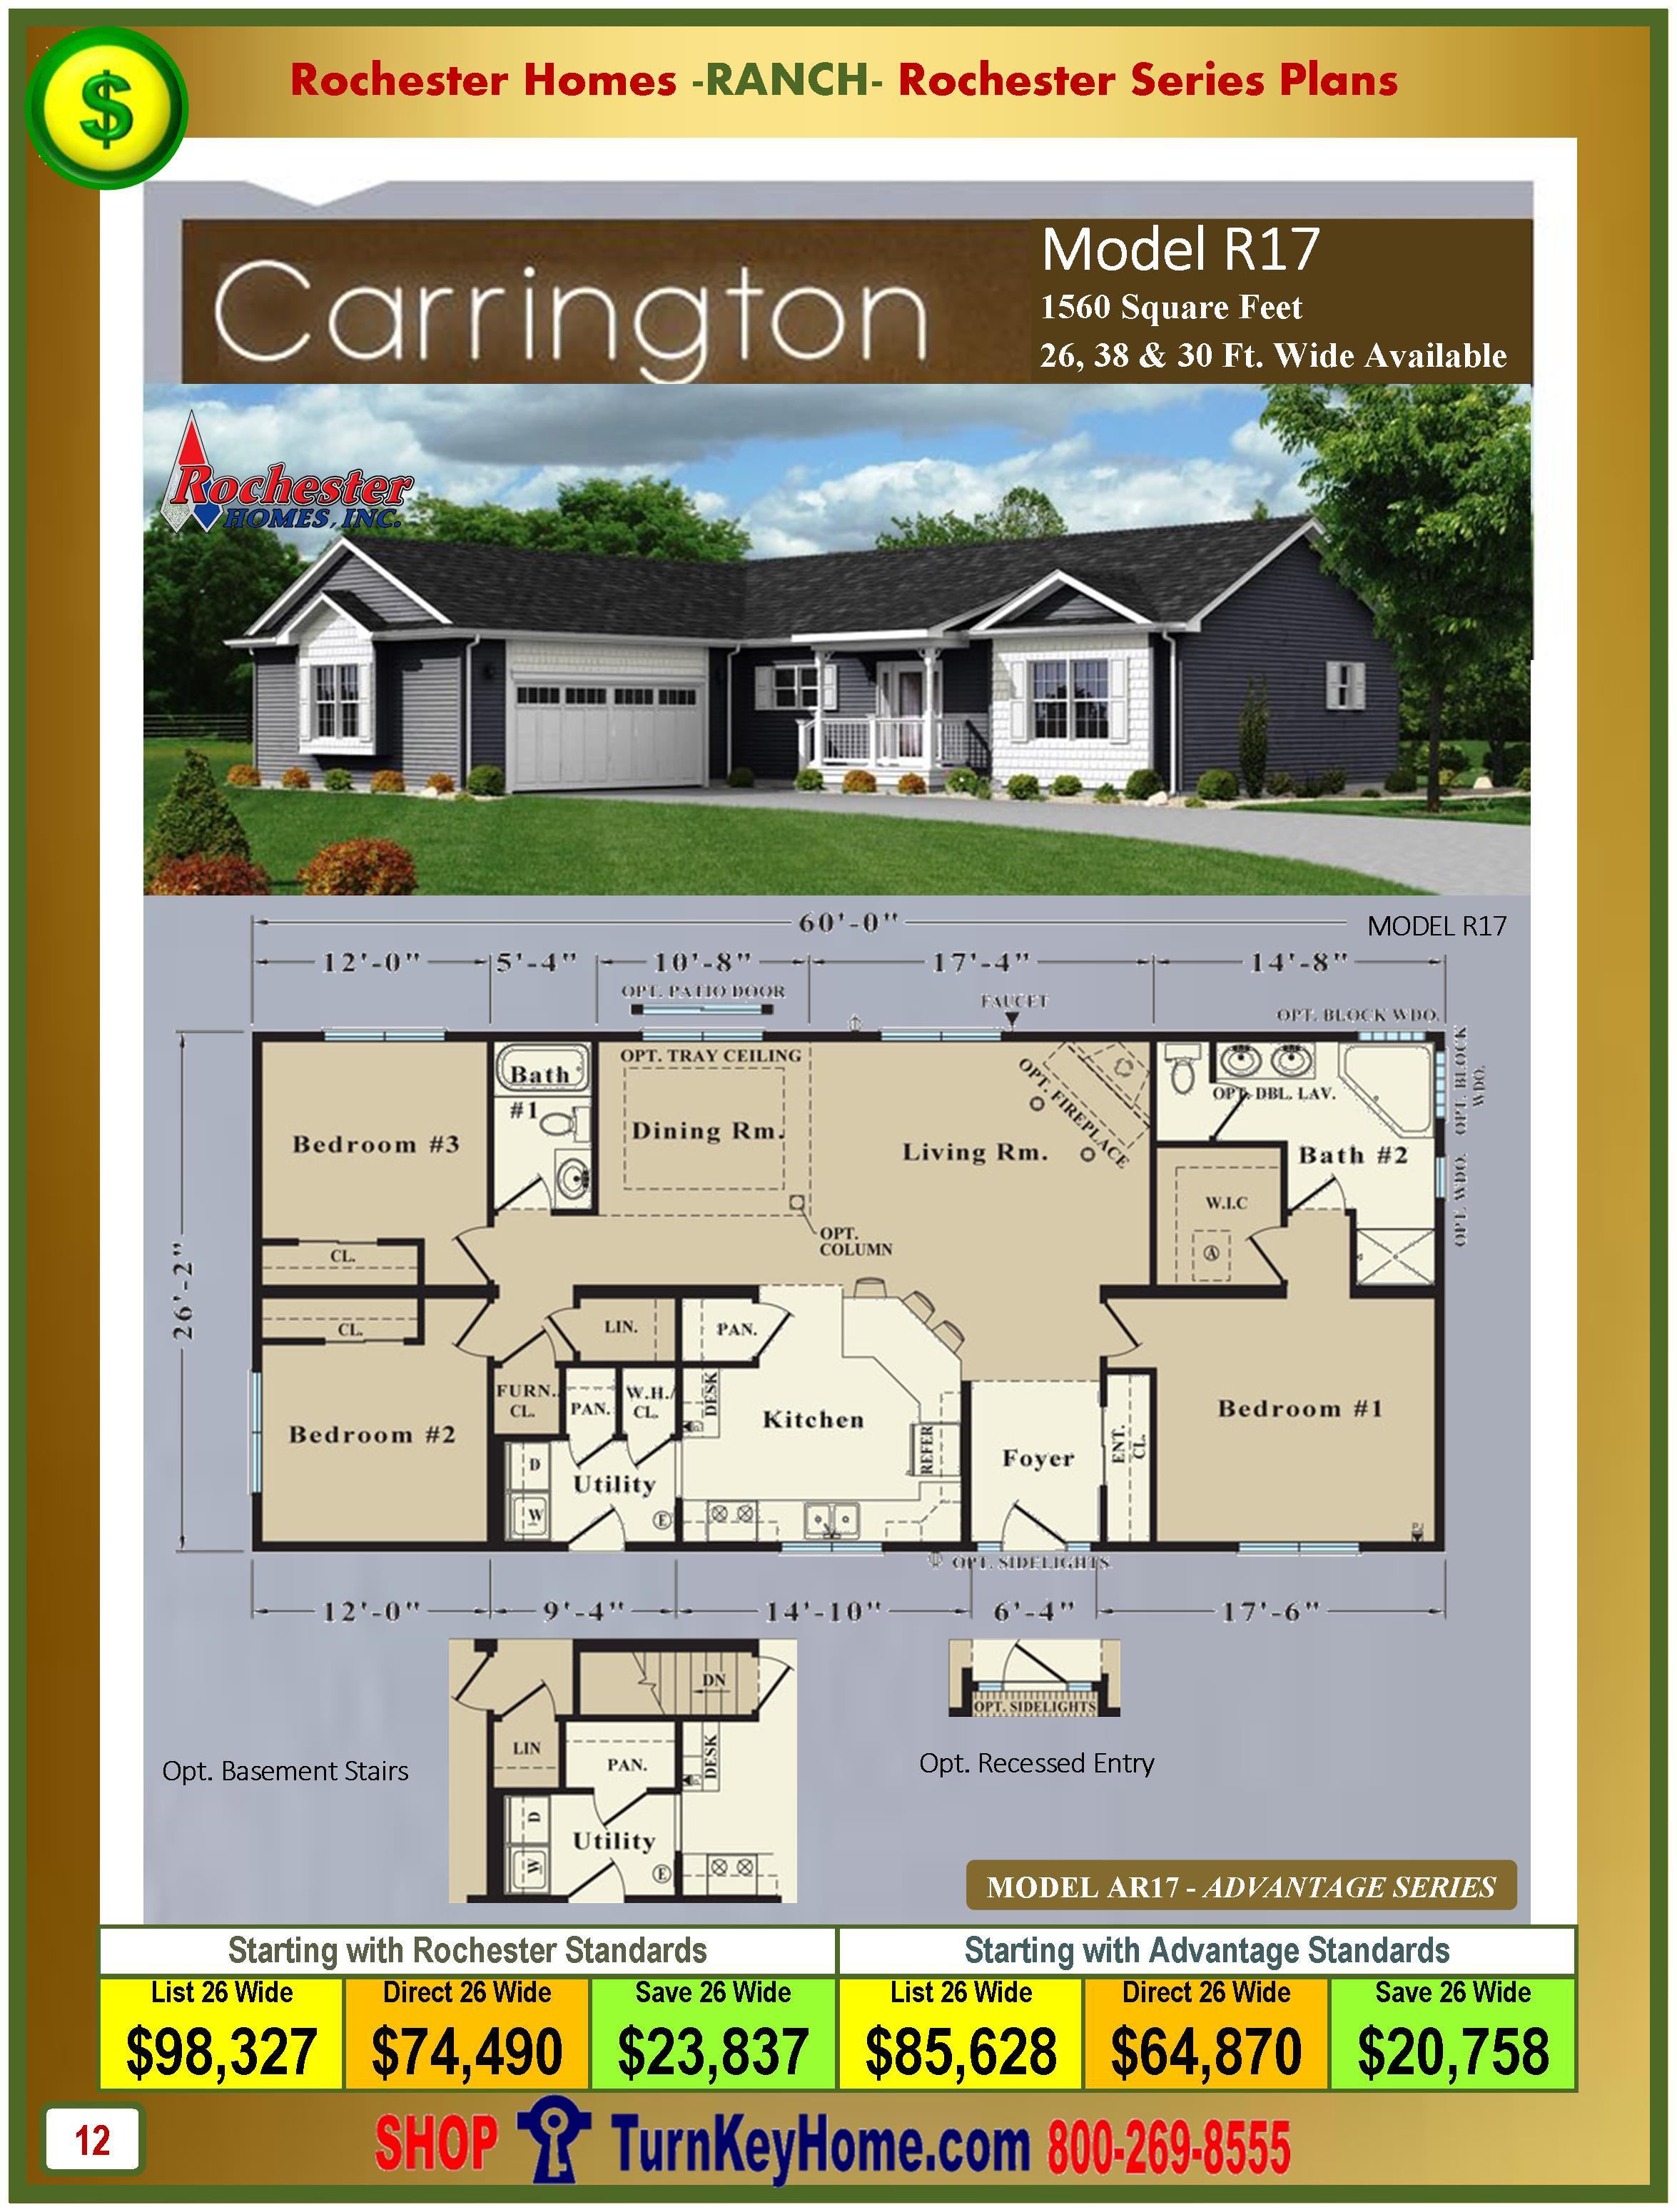 CARRINGTON Rochester Modular Home Ranch Plan Price